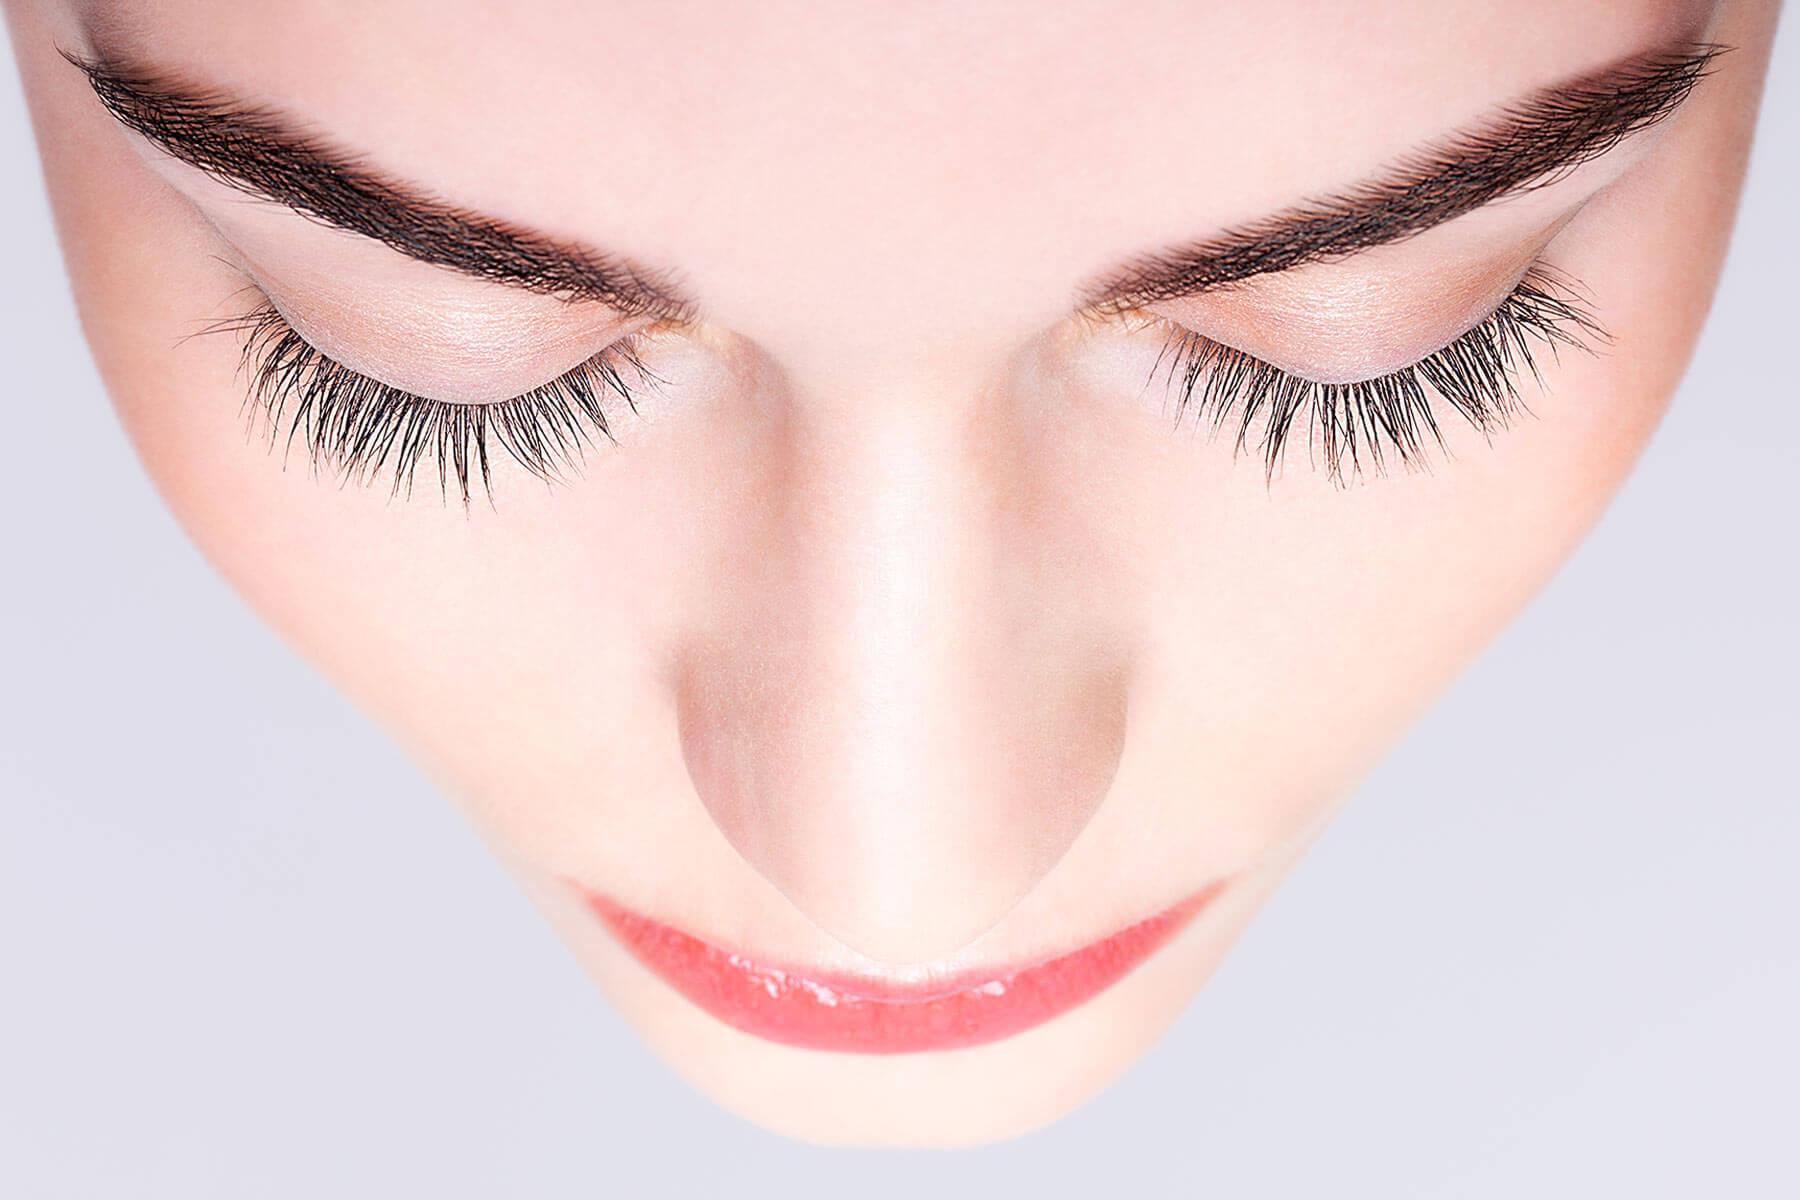 Что такое остеотомия носа и как проходит операция